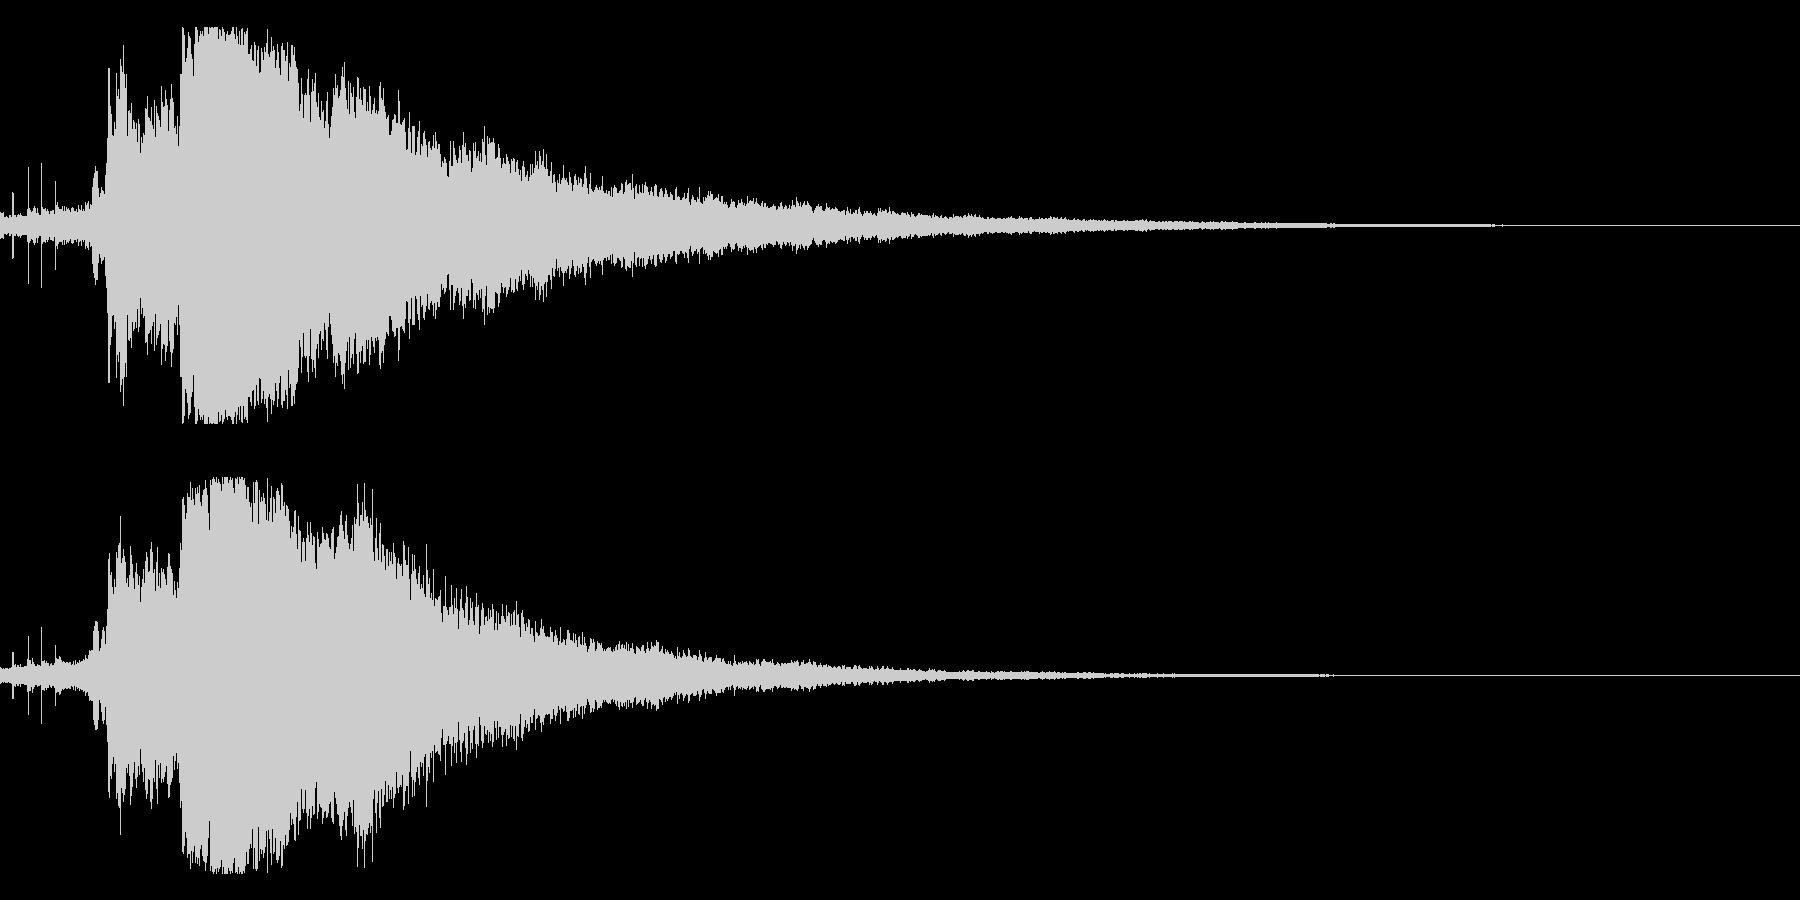 キラキラ☆シャキーン(輝きや魔法など)7の未再生の波形